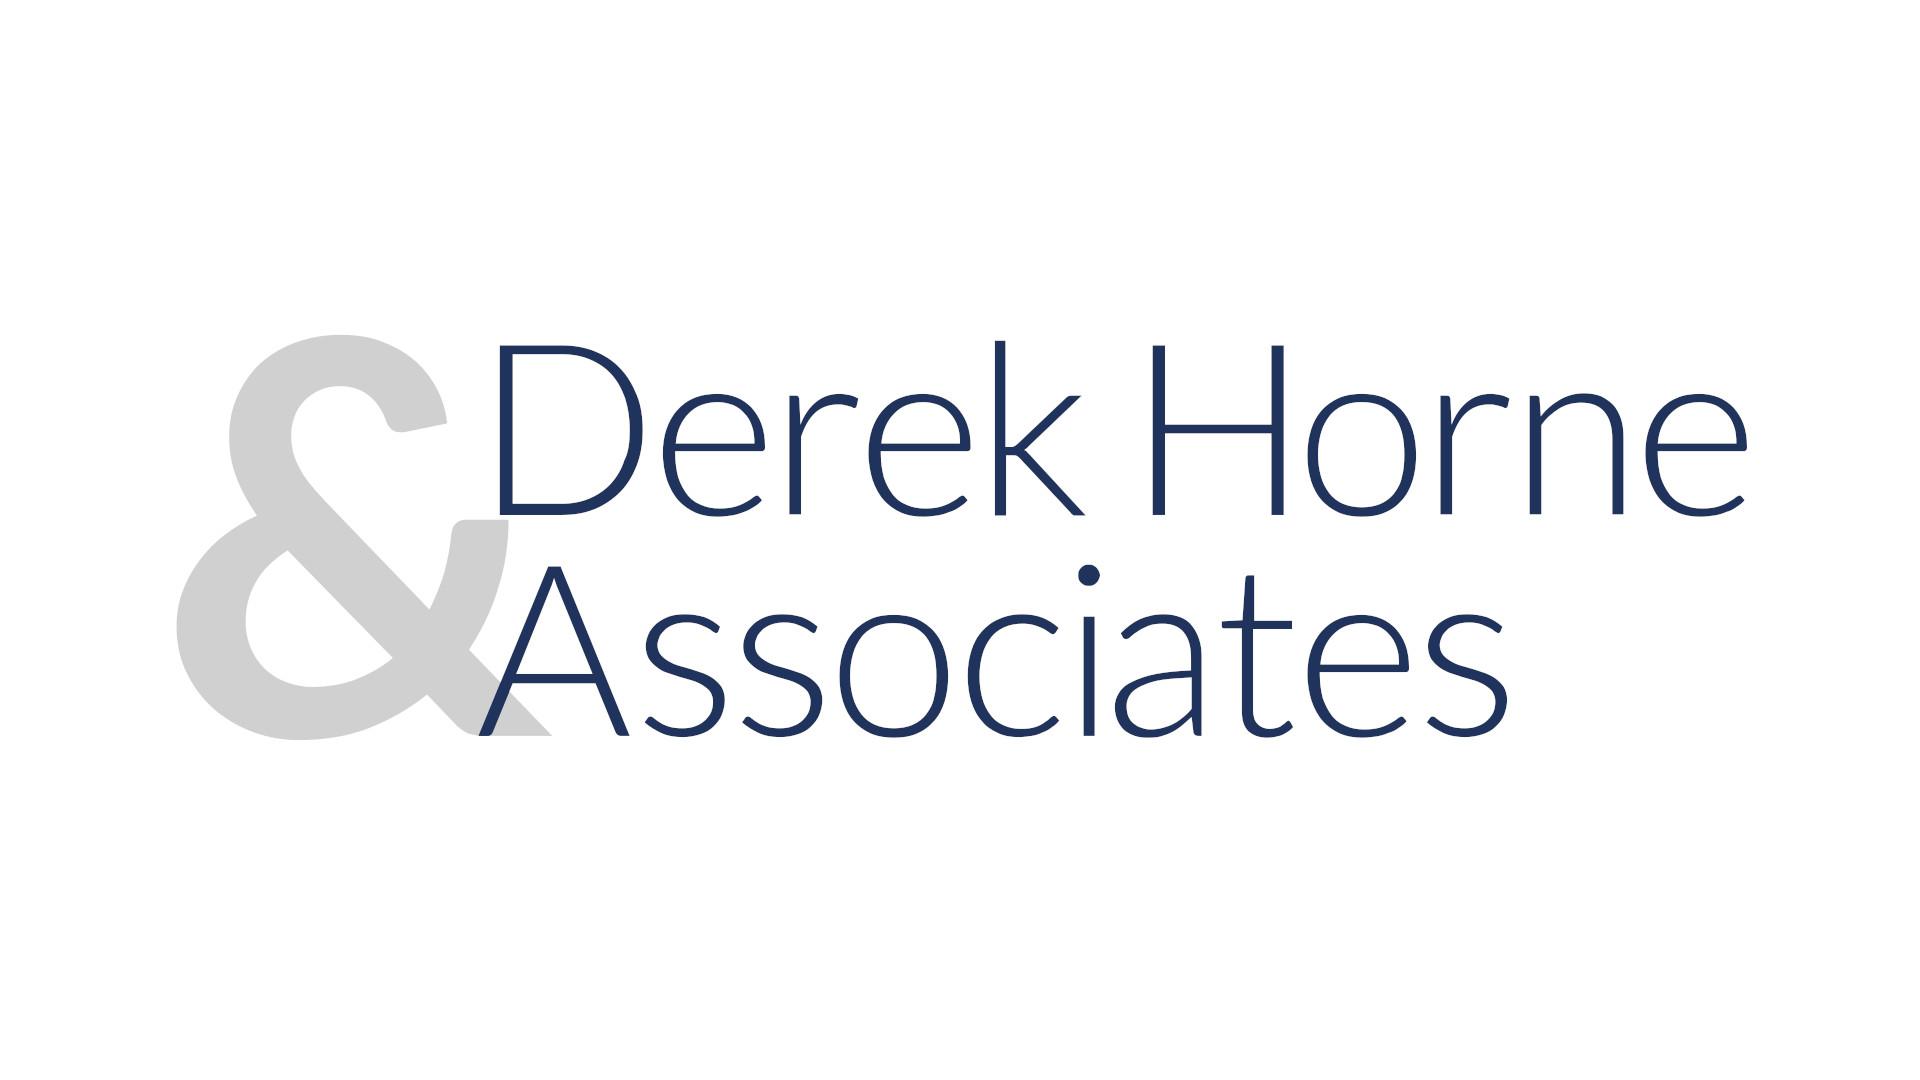 Derek Horne & Associates rebranded